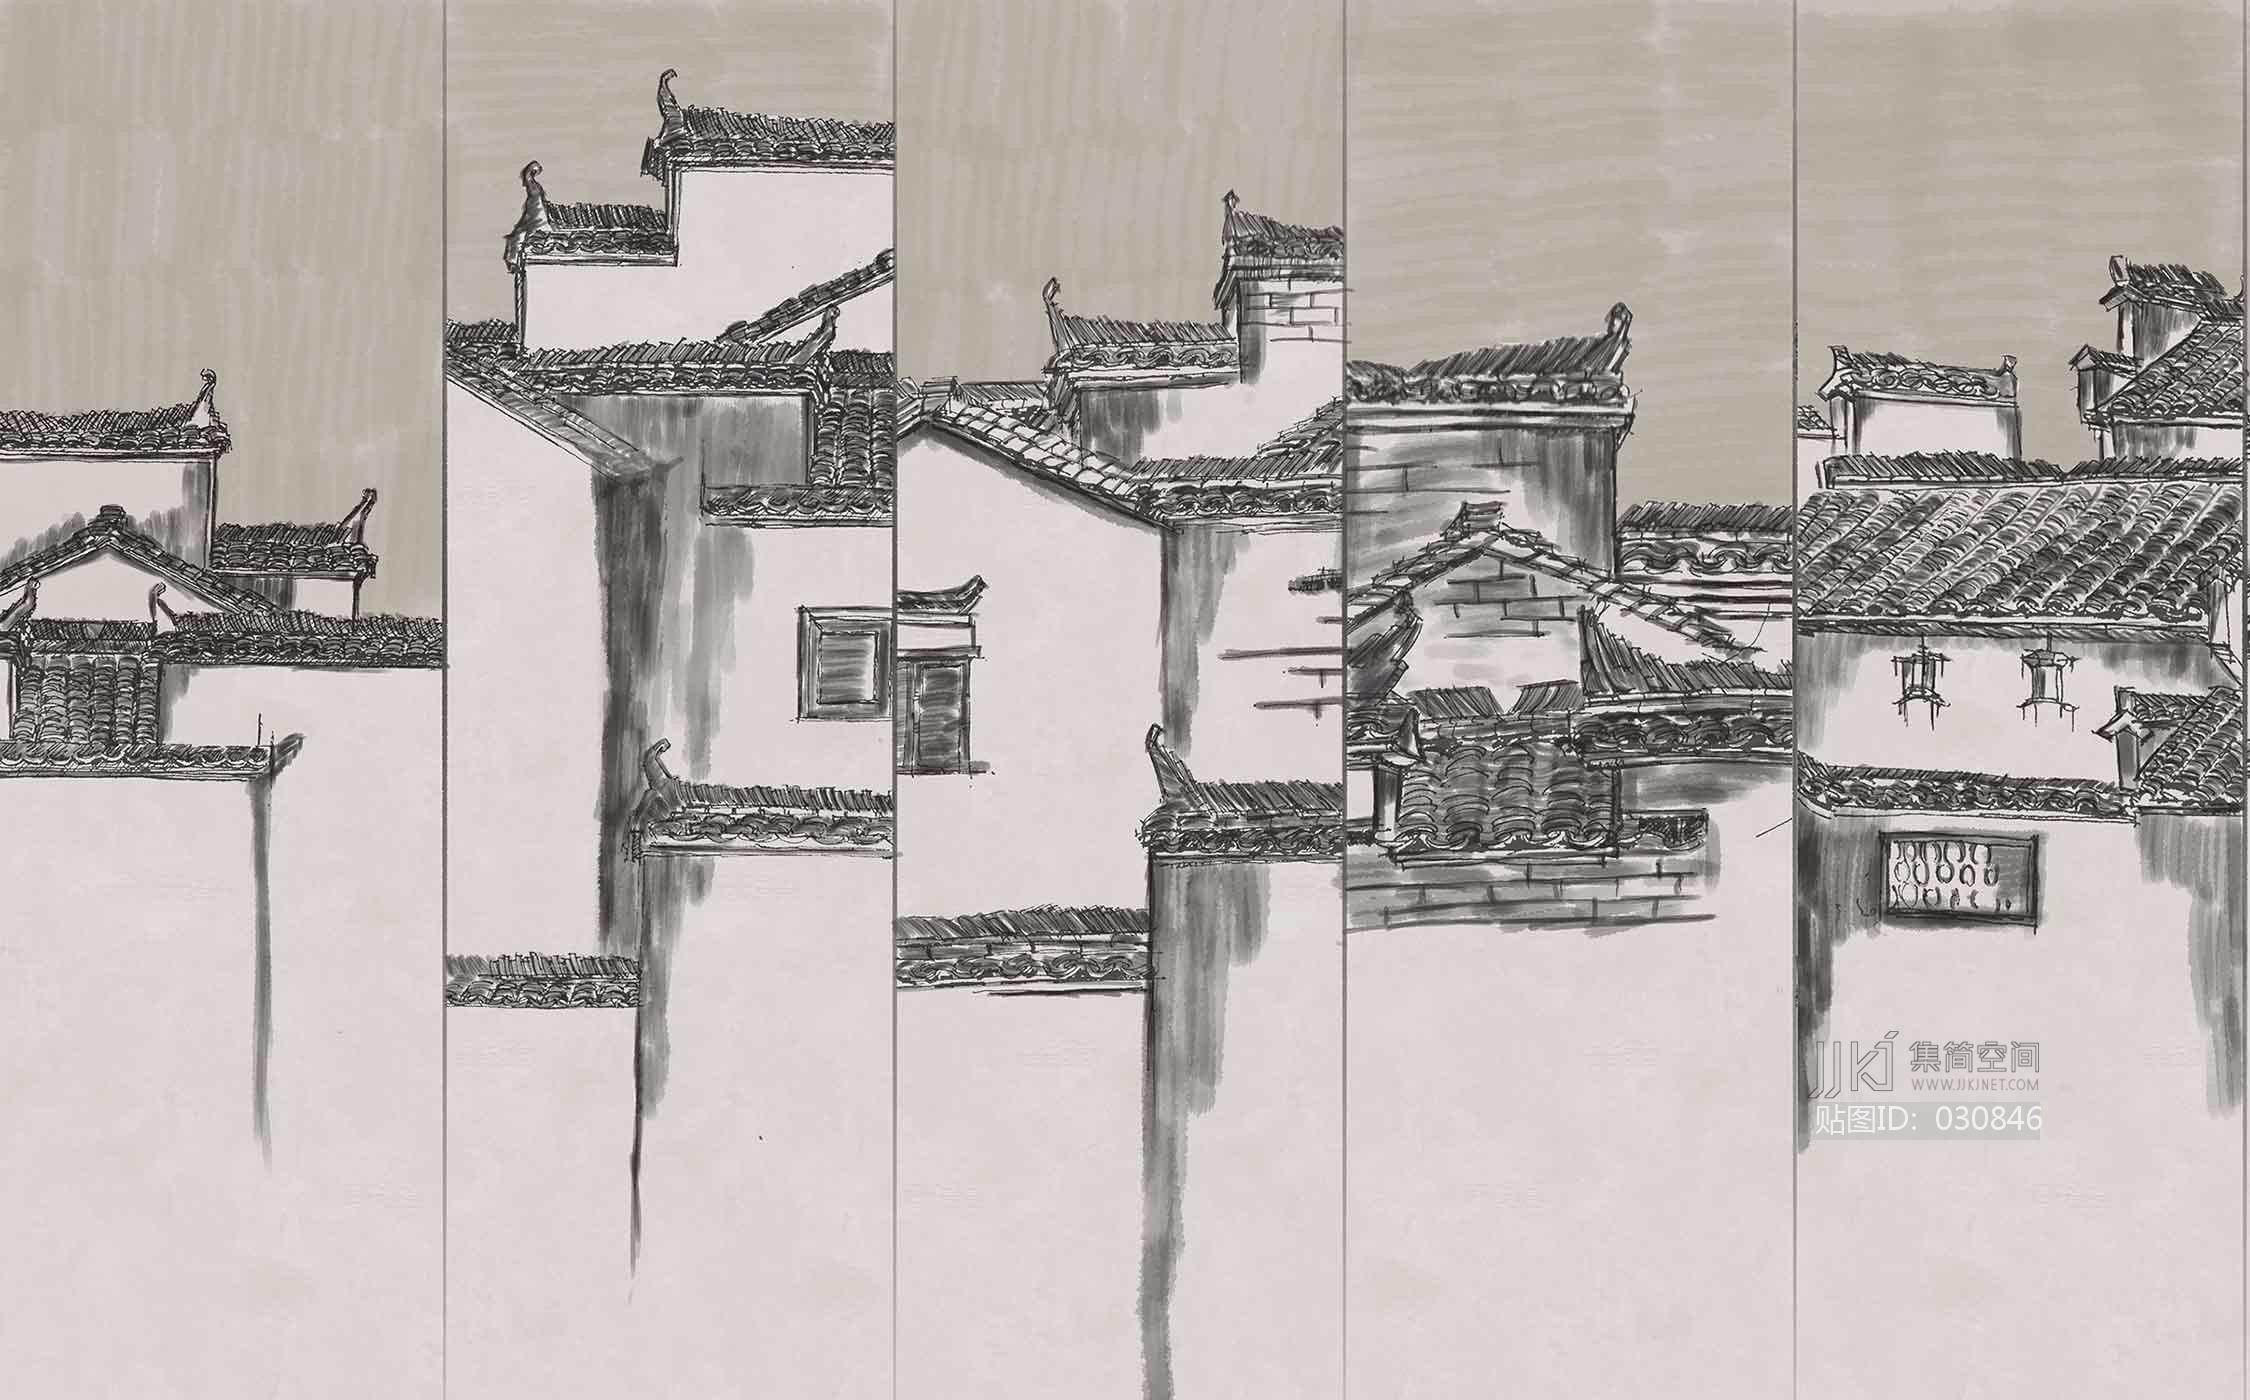 中式花纹 新中式徽派建筑壁纸壁画 (2)[贴图id:030846]  上传模型